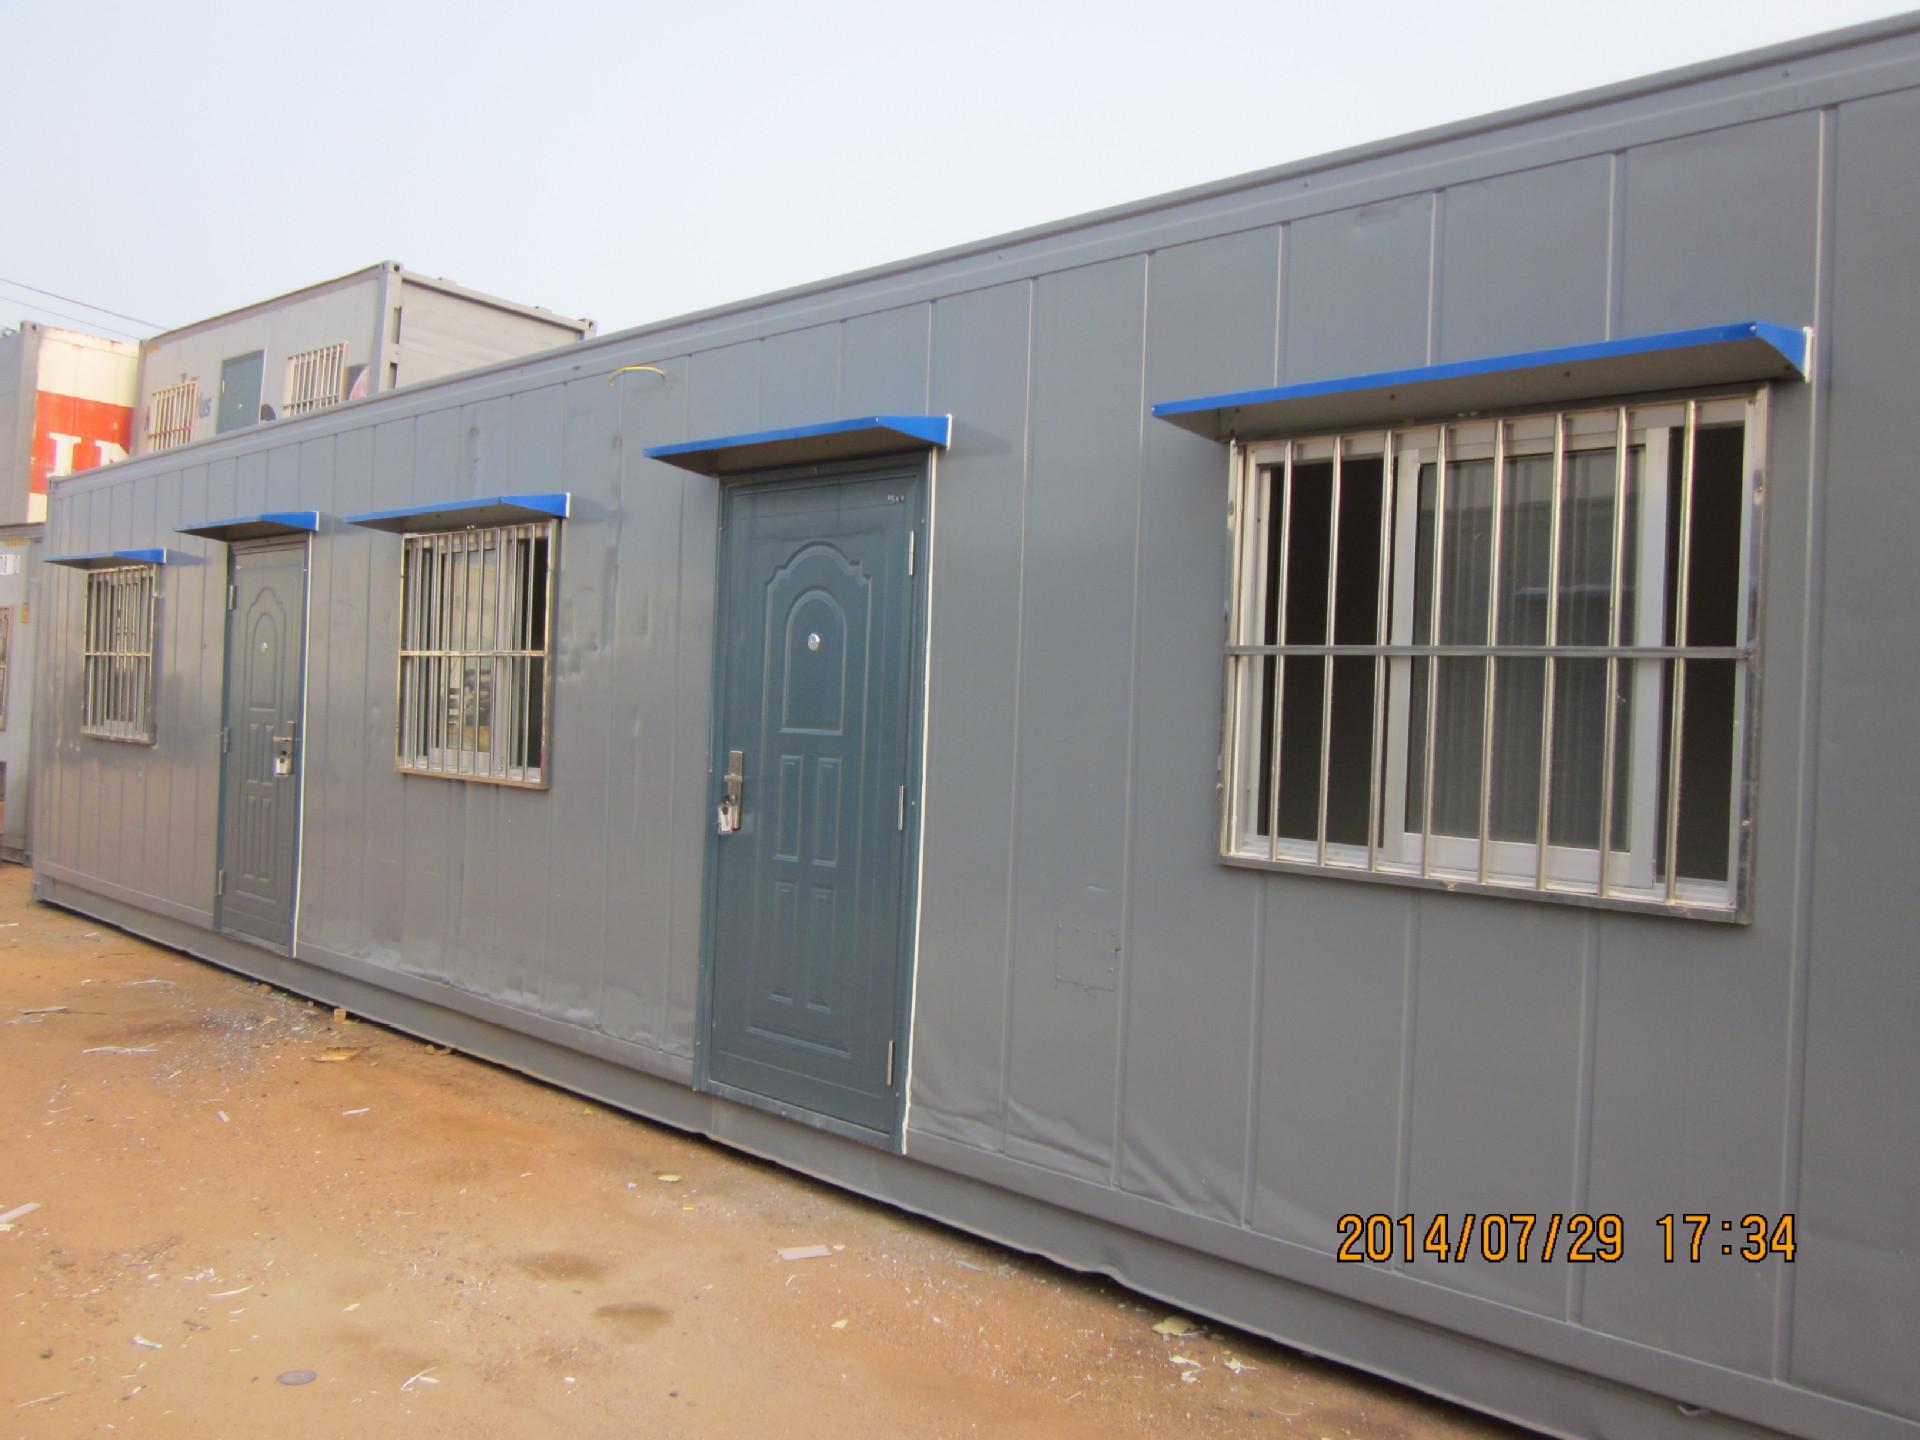 应优质进口保温集装箱改装活动房 可精装修 -集装箱活动房 优质进口